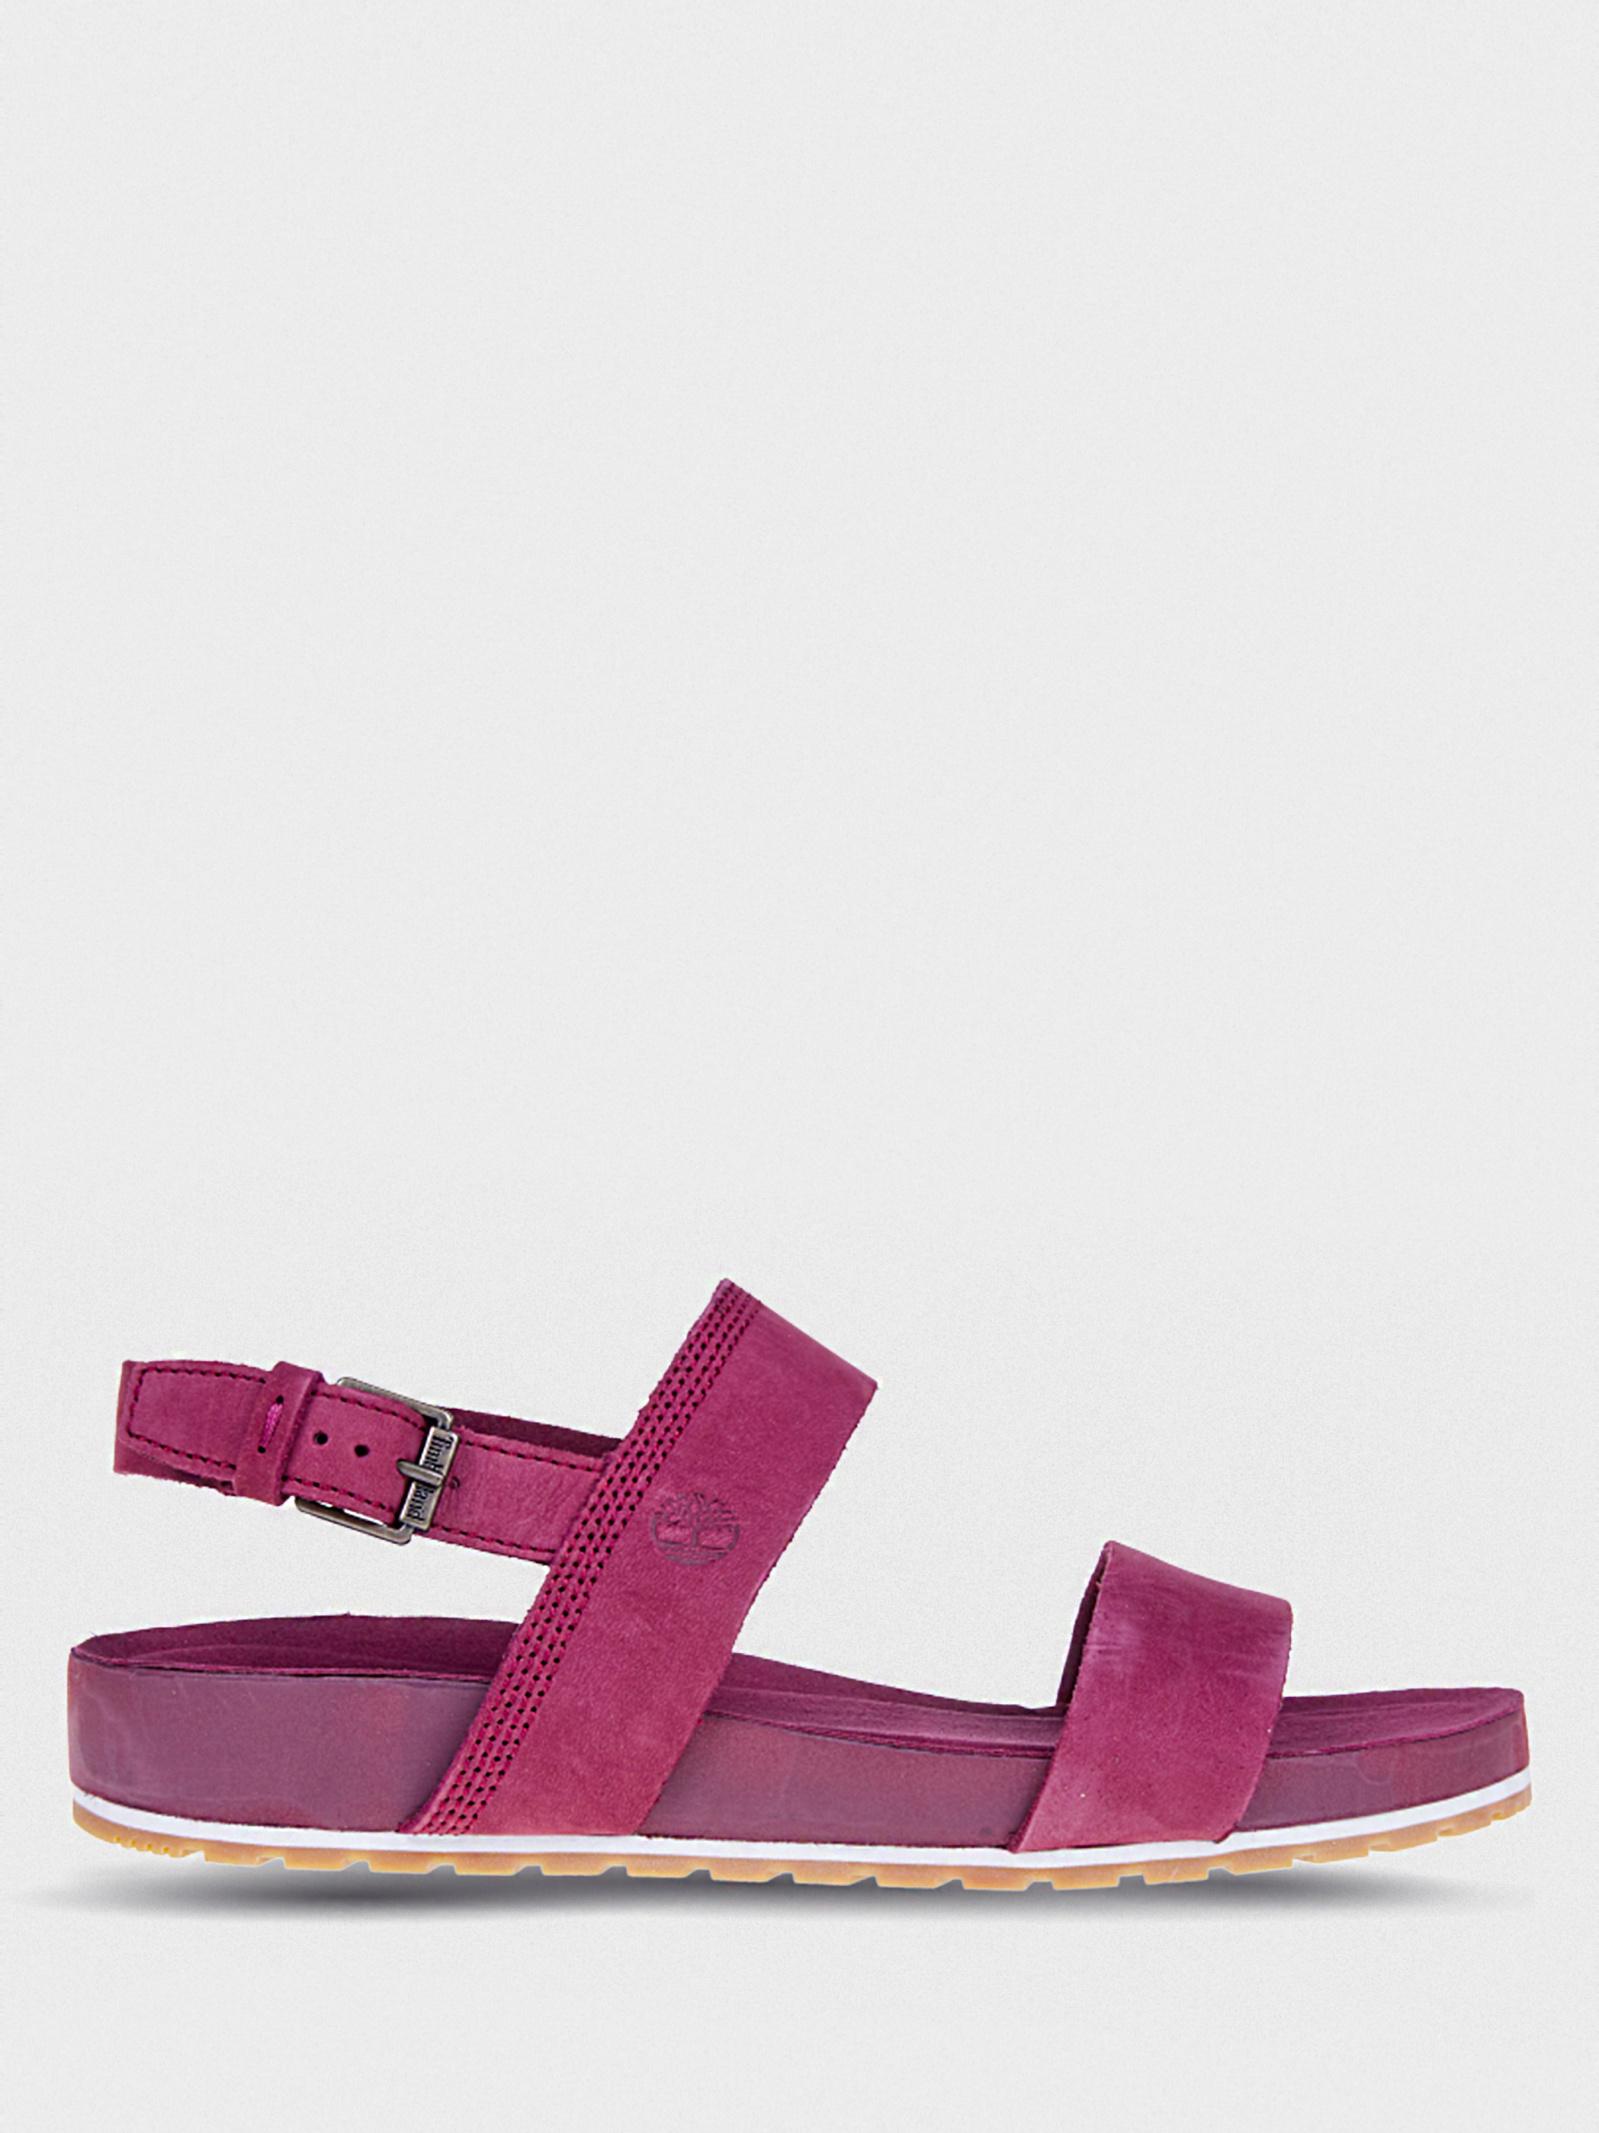 Сандалі  для жінок Timberland Malibu Waves TB0A289N211 брендове взуття, 2017